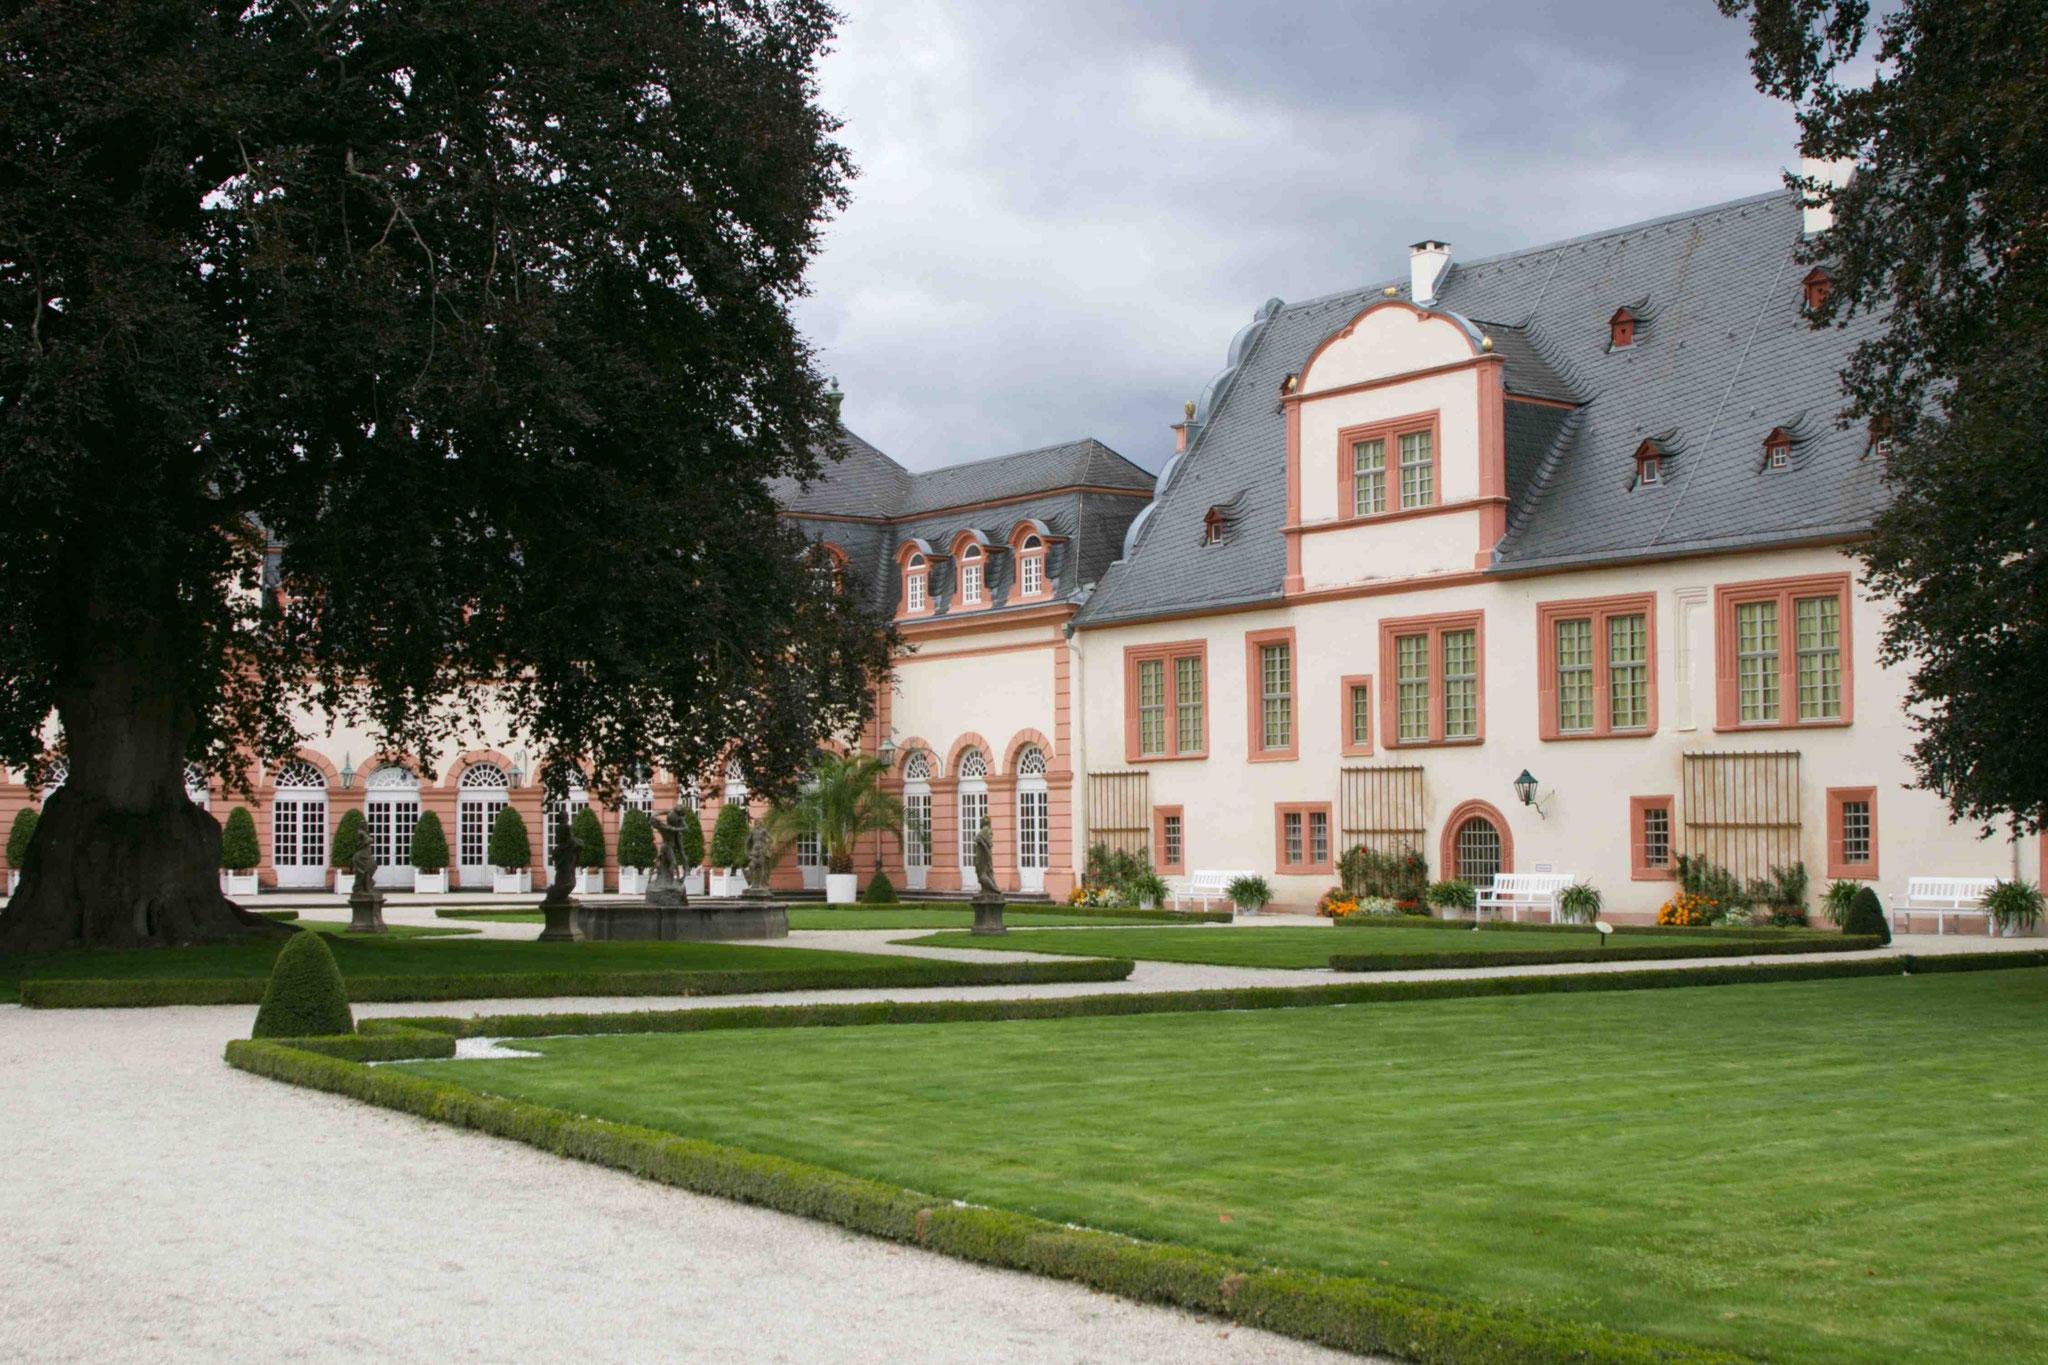 Weilburger Schlossgarten